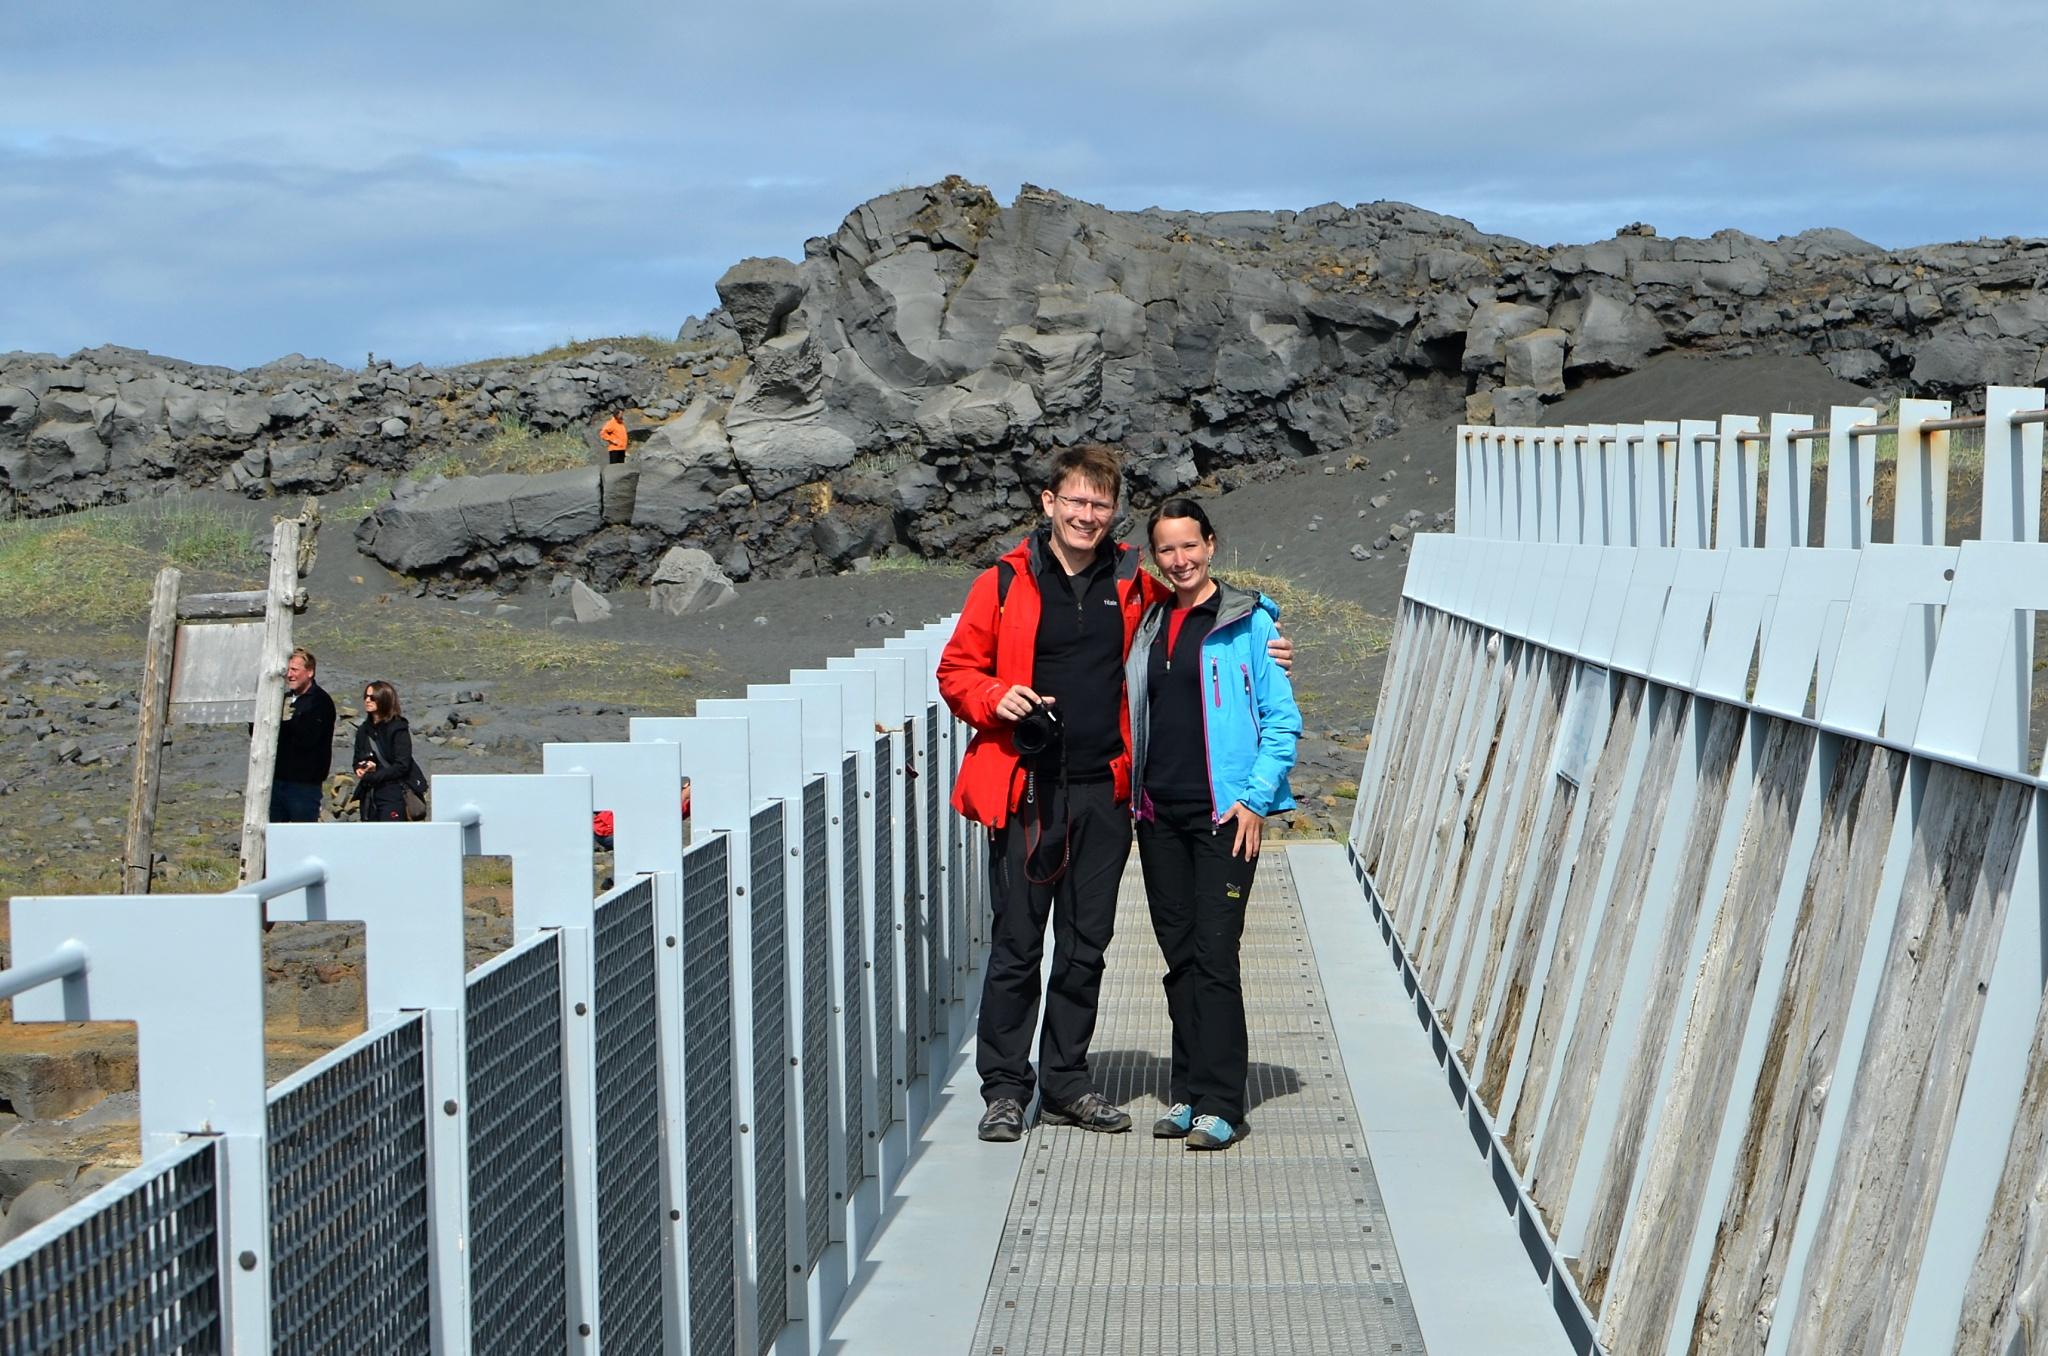 Společná fotka na mostě přes pevninský zlom